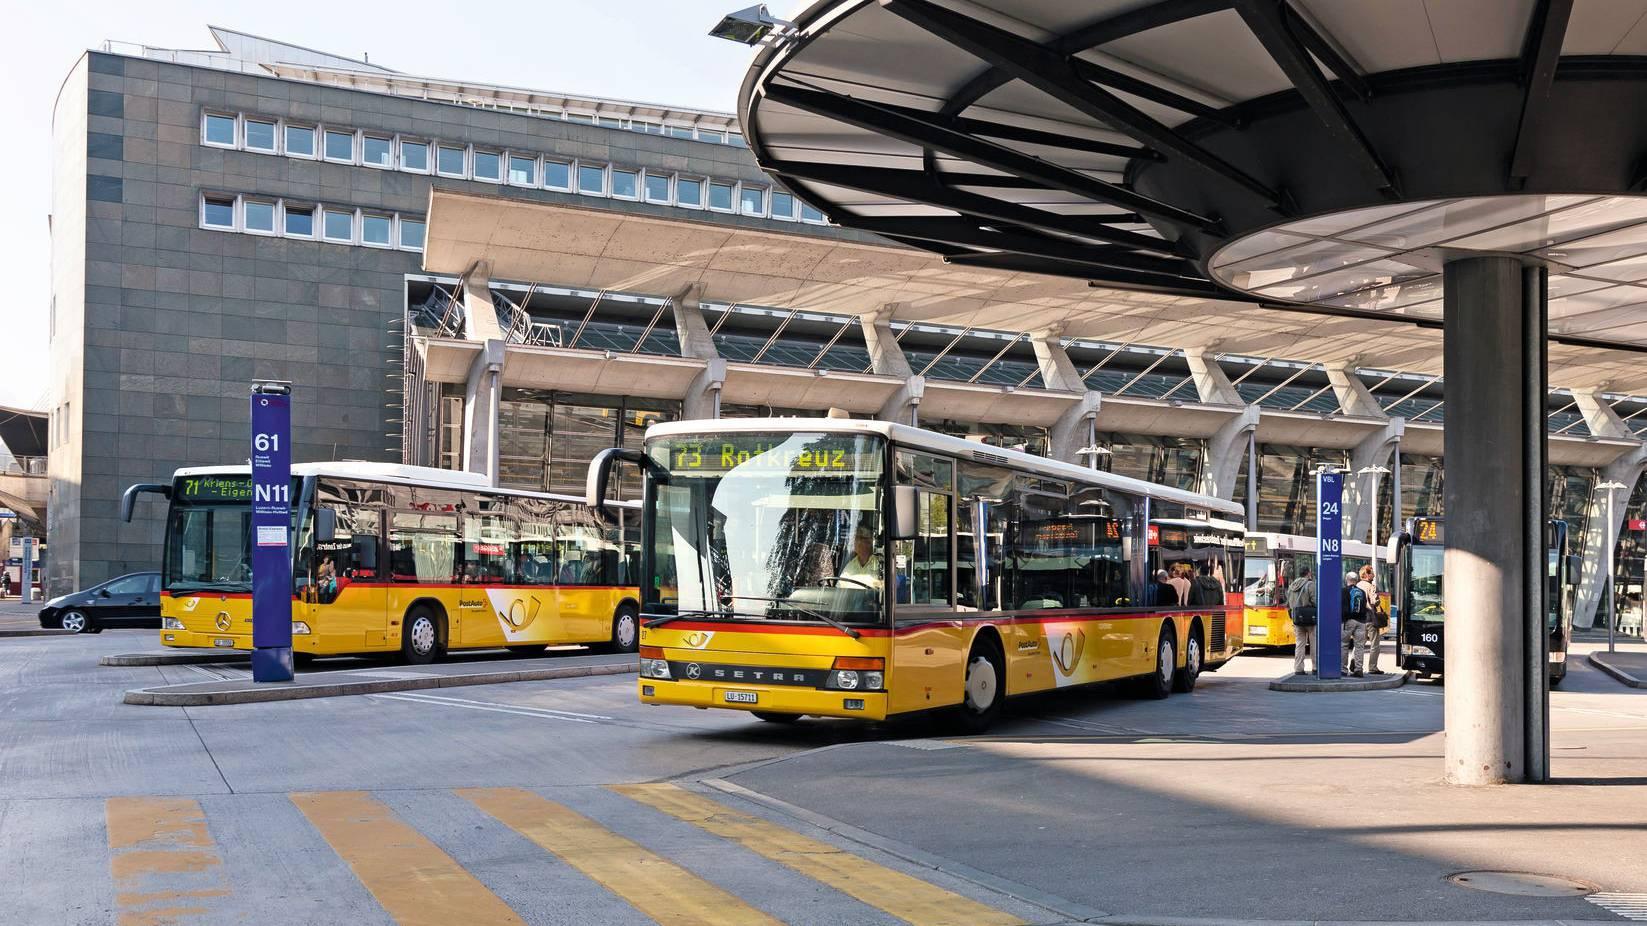 Längere Haltestellen auf Postauto-Linie Luzern-Adligenswil